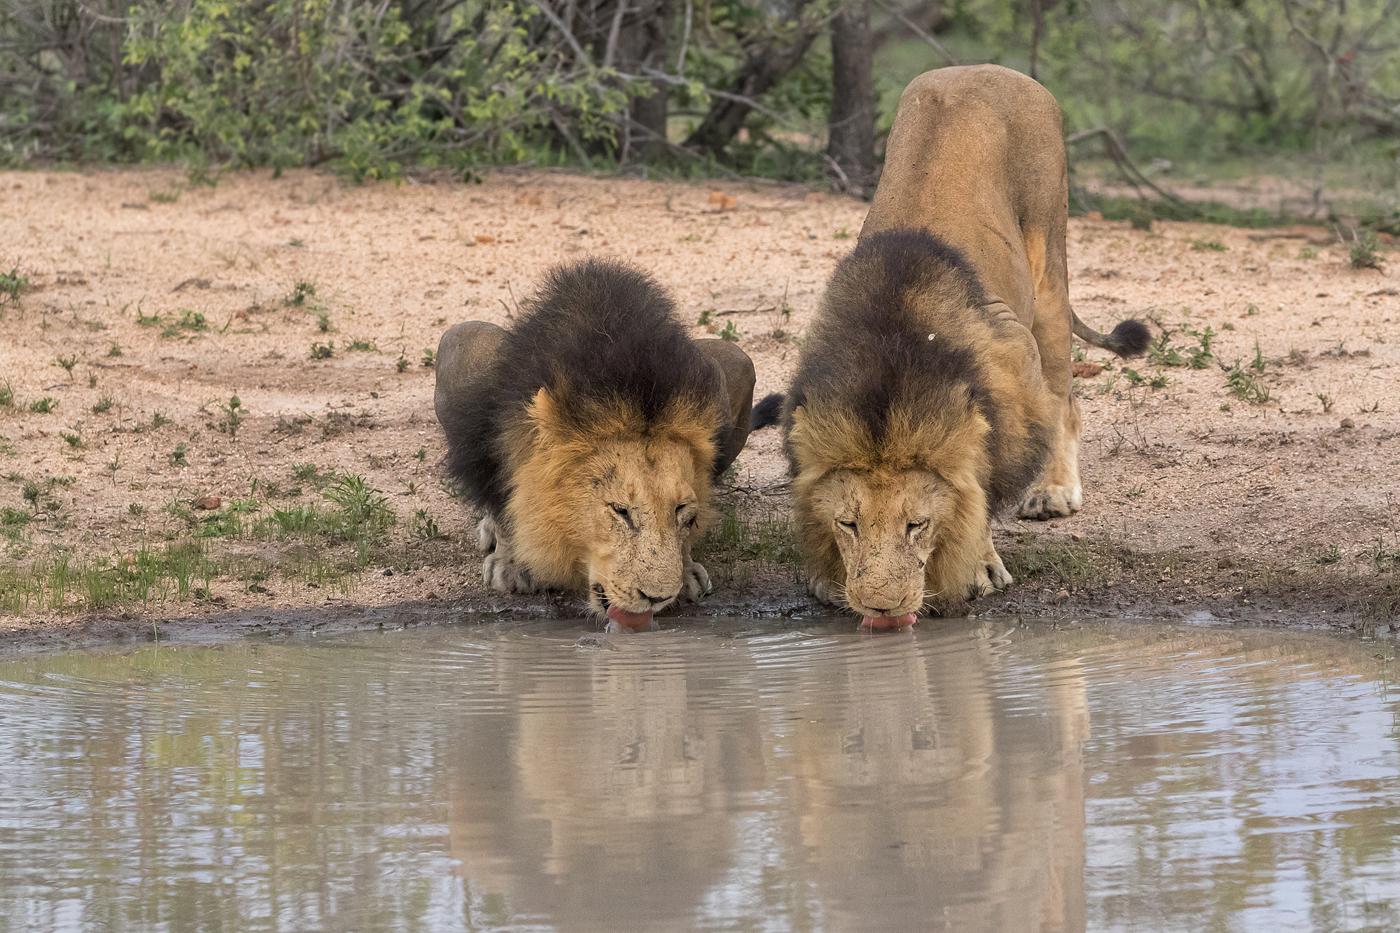 Majingilane lions drinking